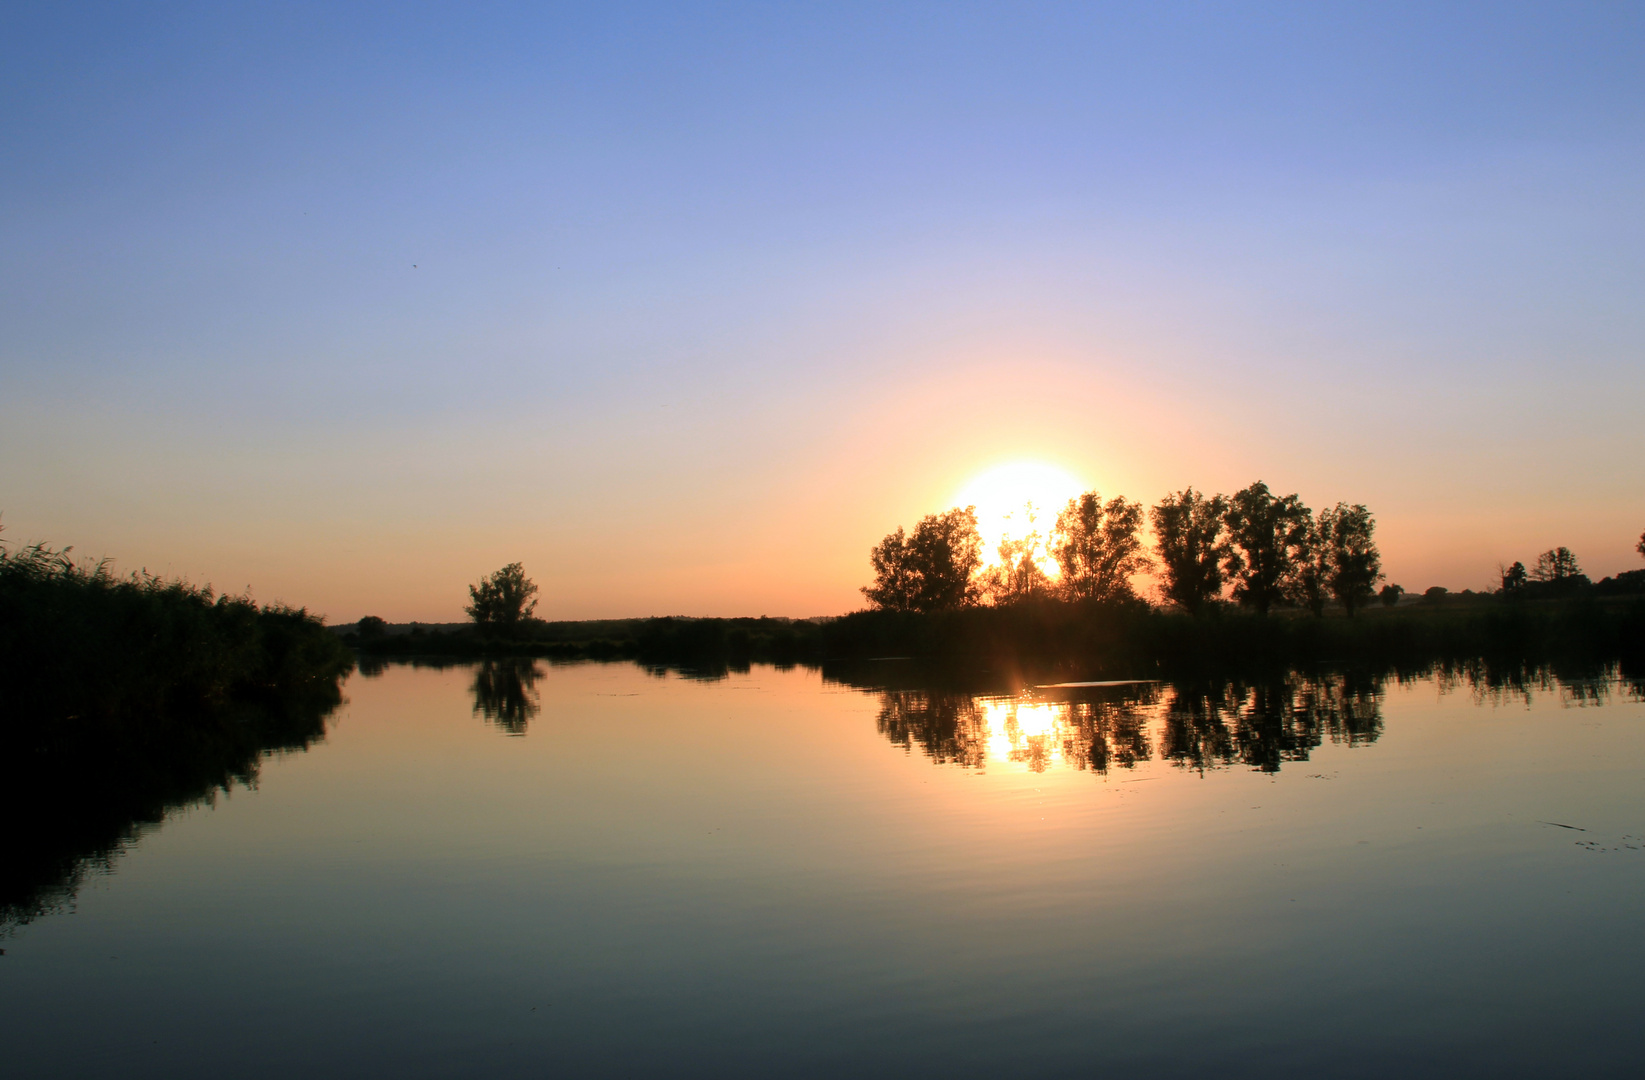 Sonnenuntergang während abendlicher Bootstour auf der Peene